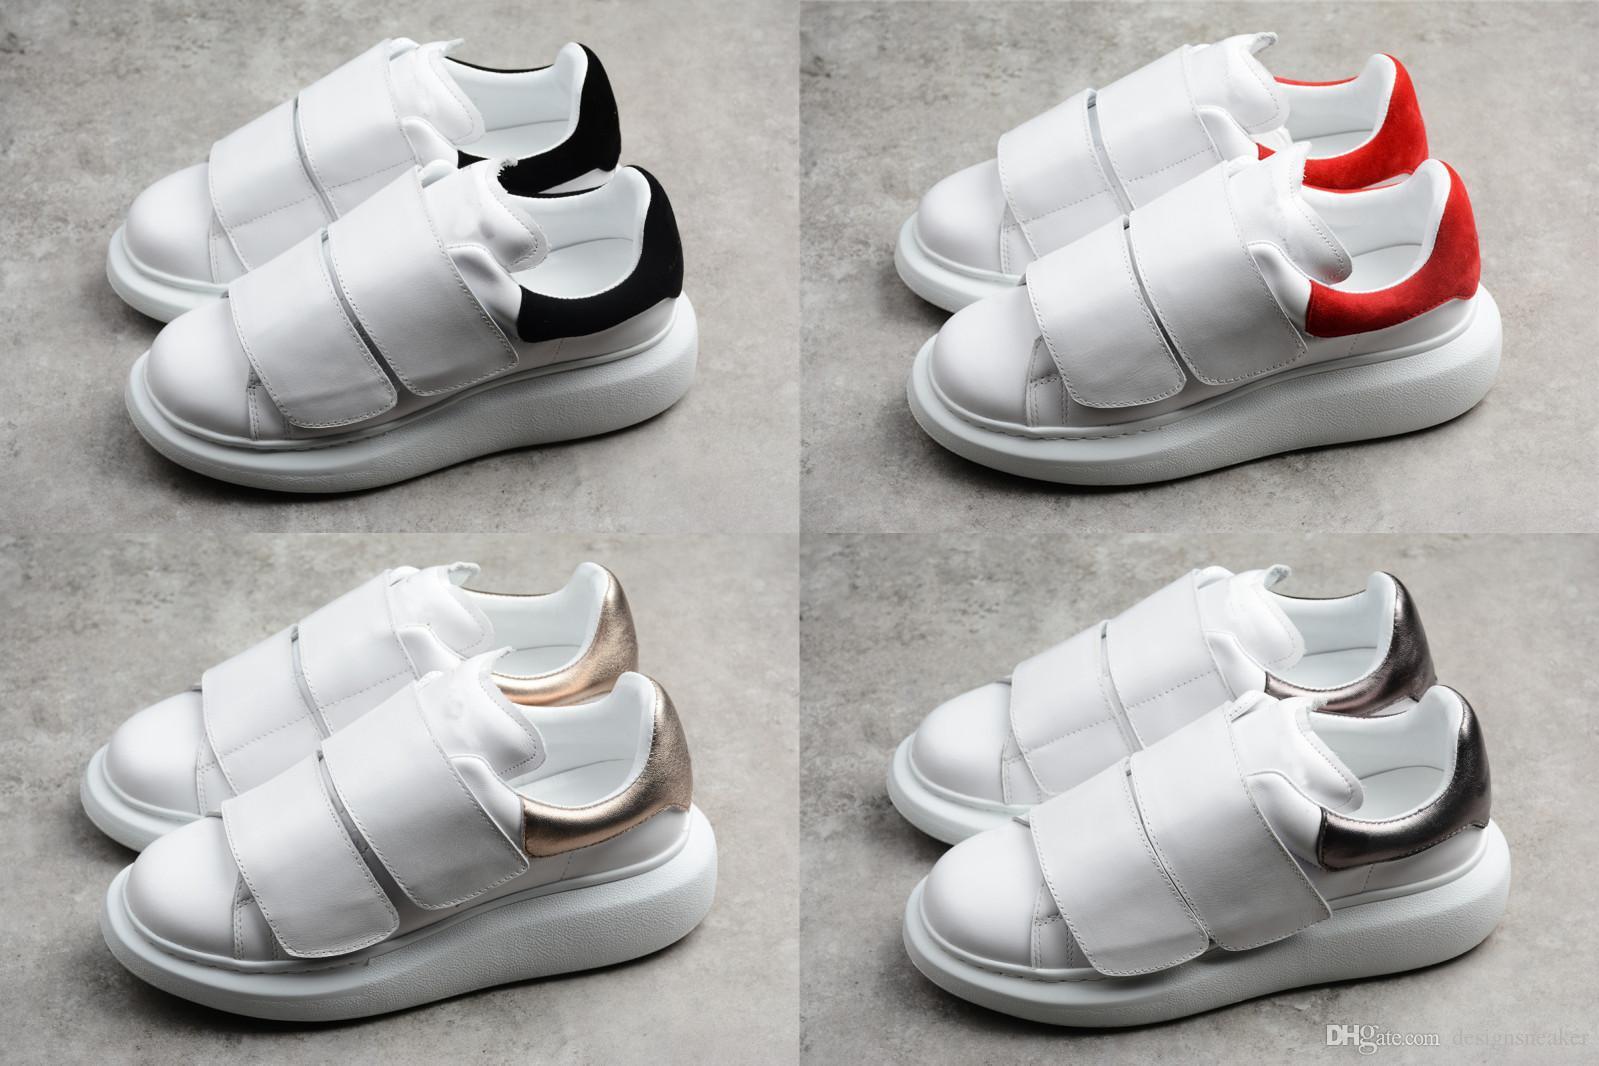 Moda Lüks Tasarımcı Kadınlar Ayakkabı Erkekler Rasgele Erkek Tasarımcı Ayakkabı Magic Tie Deri Parti Elbise Ayakkabı Sneakers